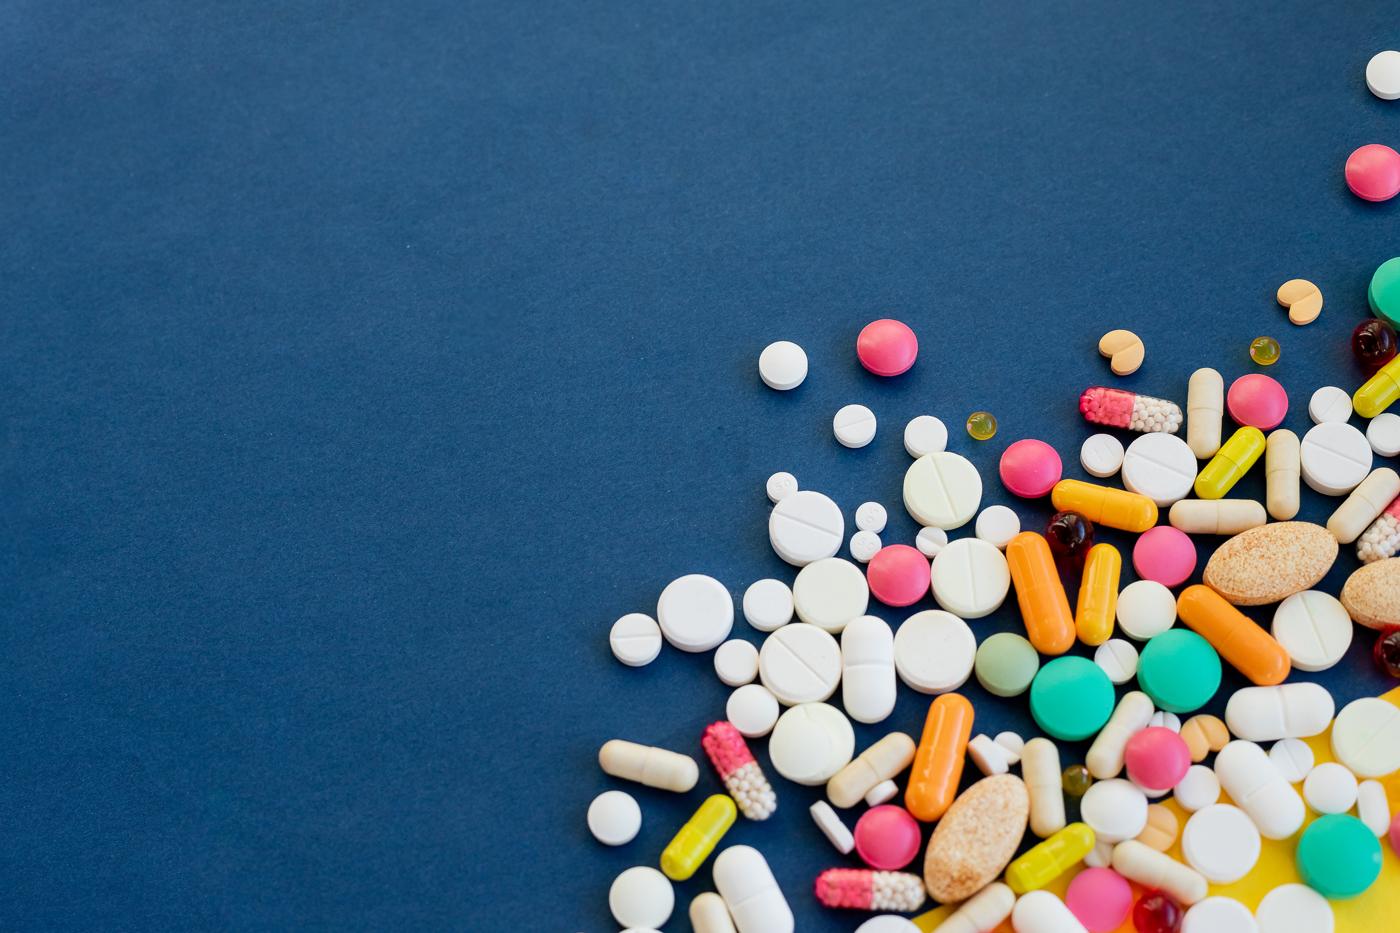 Pharmacy stocks, Pharmaceutical stocks, Online Pharmacy stocks